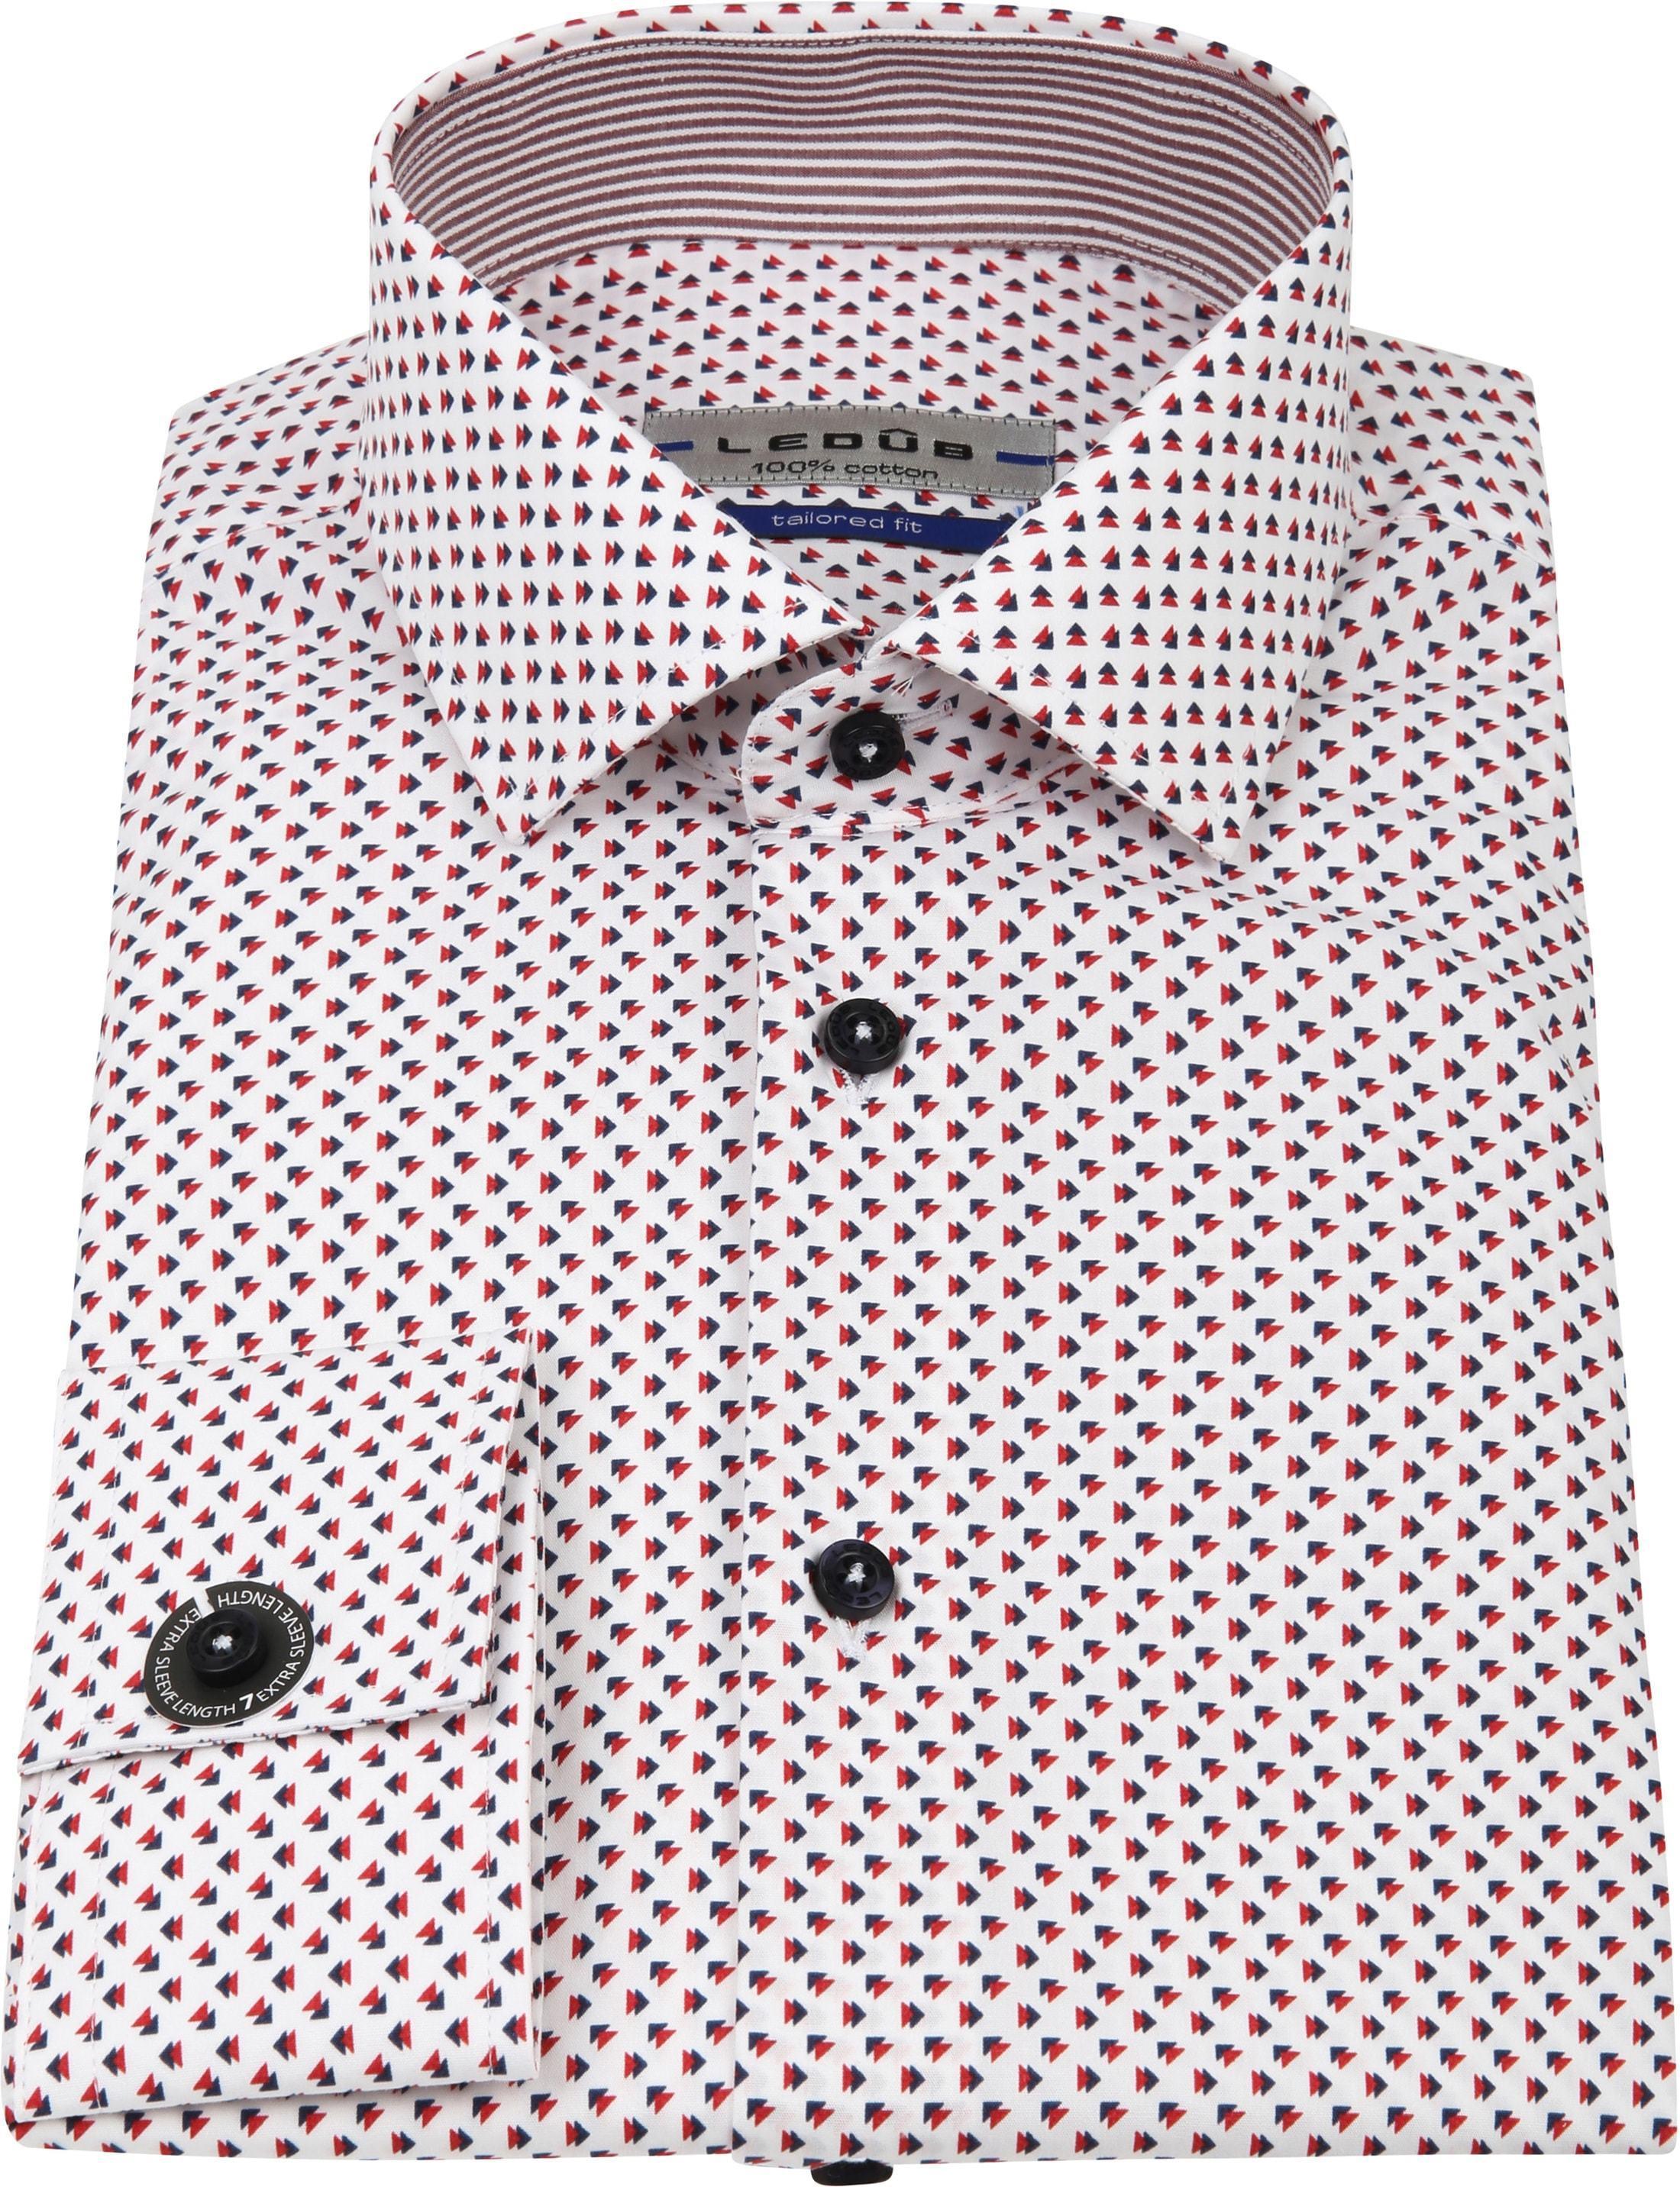 Ledub Overhemd Print Rood Blauw SL7 foto 3